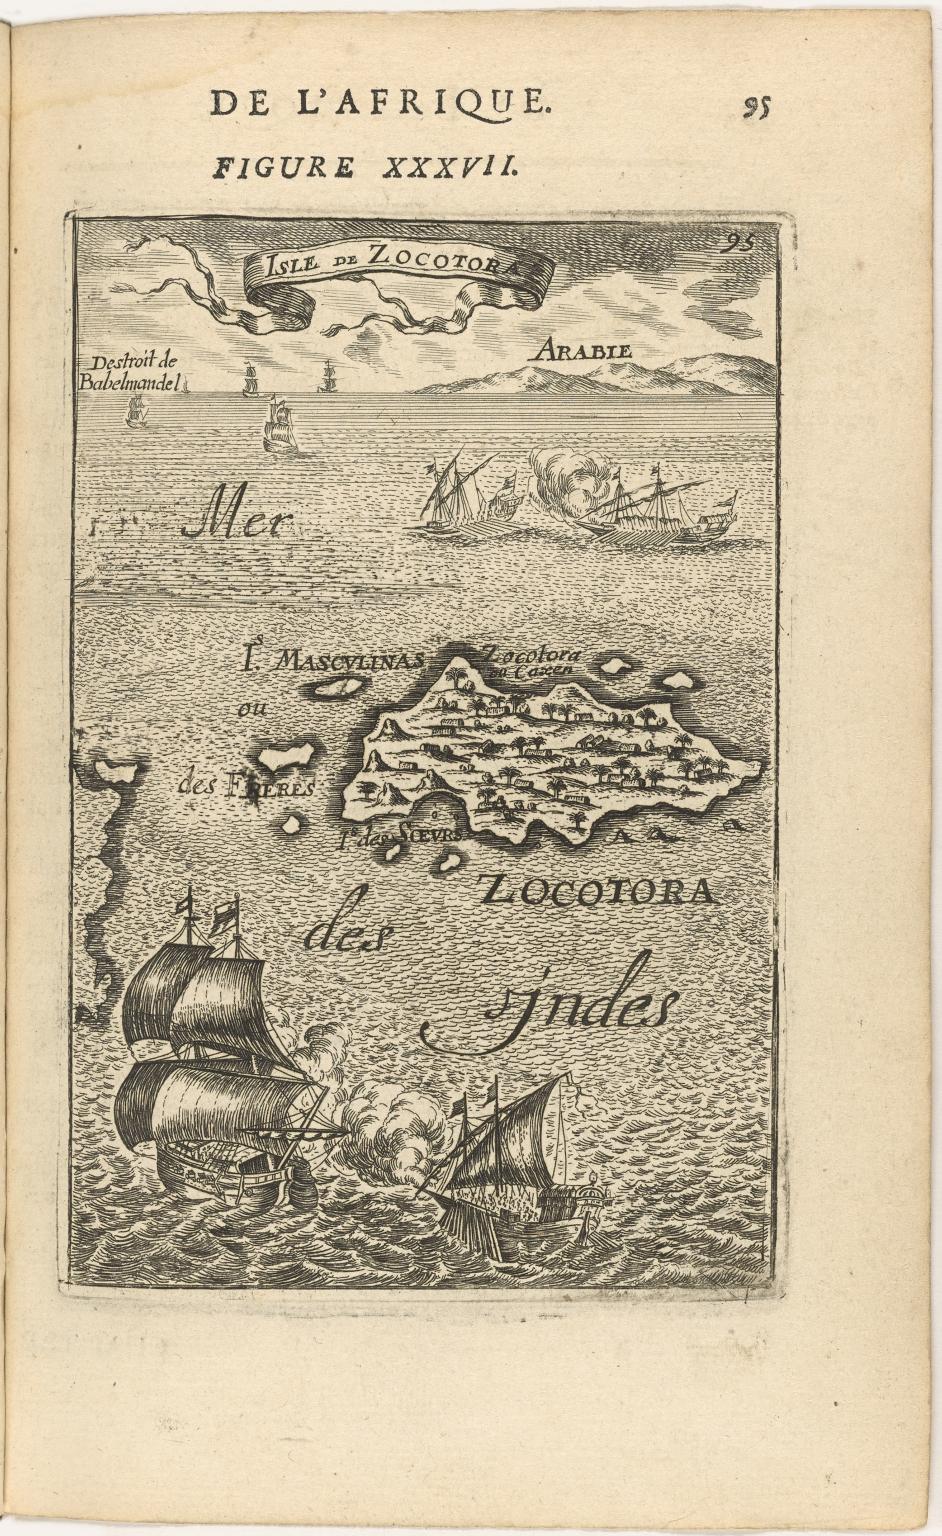 Isle de Zocotor